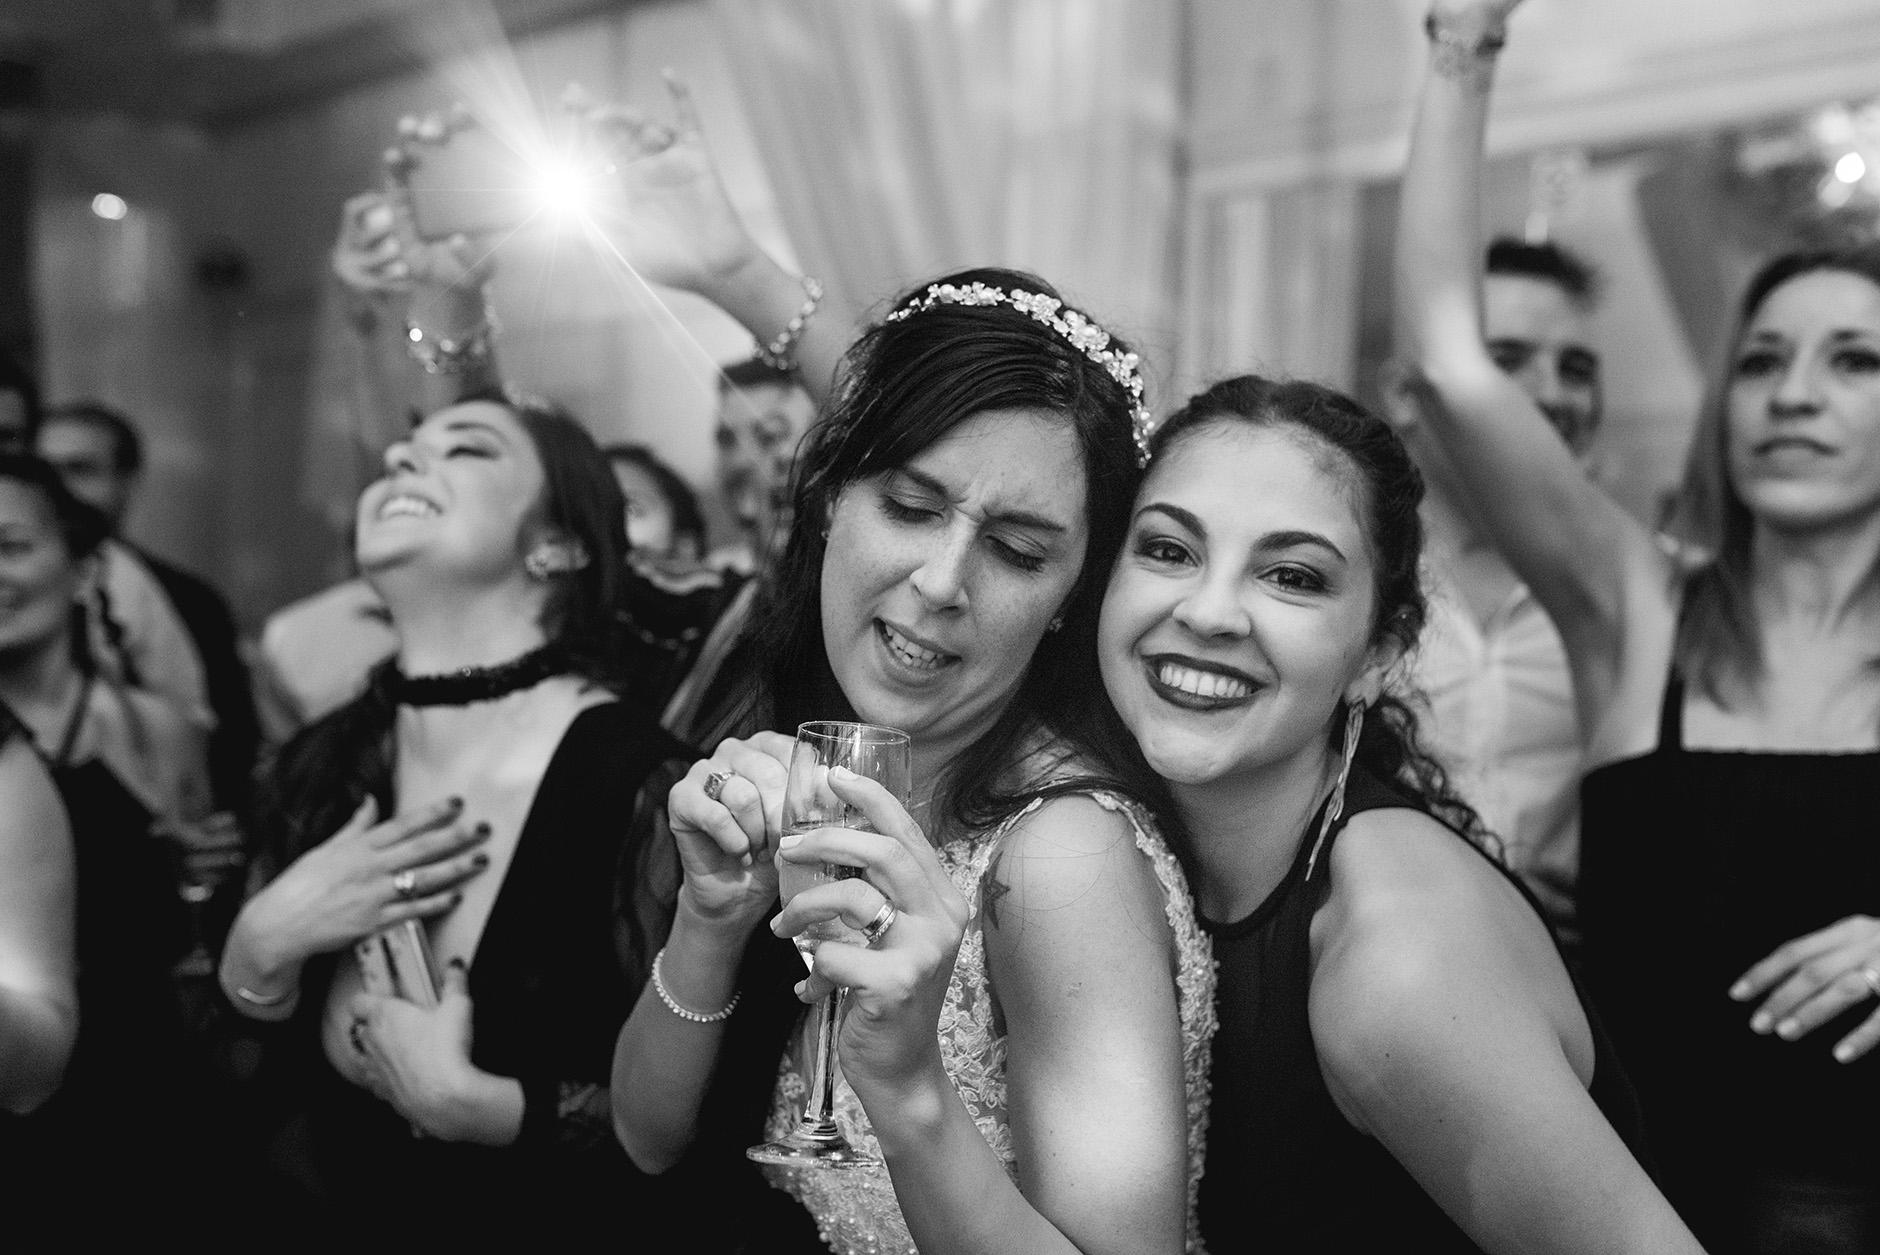 Fotos de la boda de Cintia y Cristian en Rosario realizadas por Bucle Fotografias. Flor Bosio y Caro Clerici